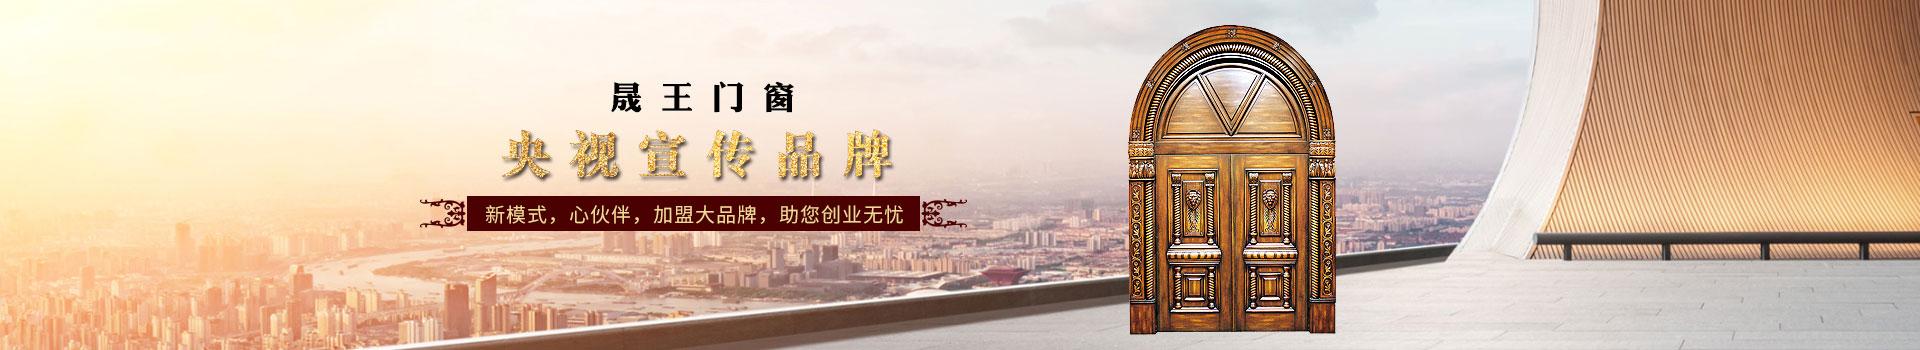 晟王门窗●央视CCTV1宣传品牌,新模式,心伙伴,加盟大品牌,助您创业无忧